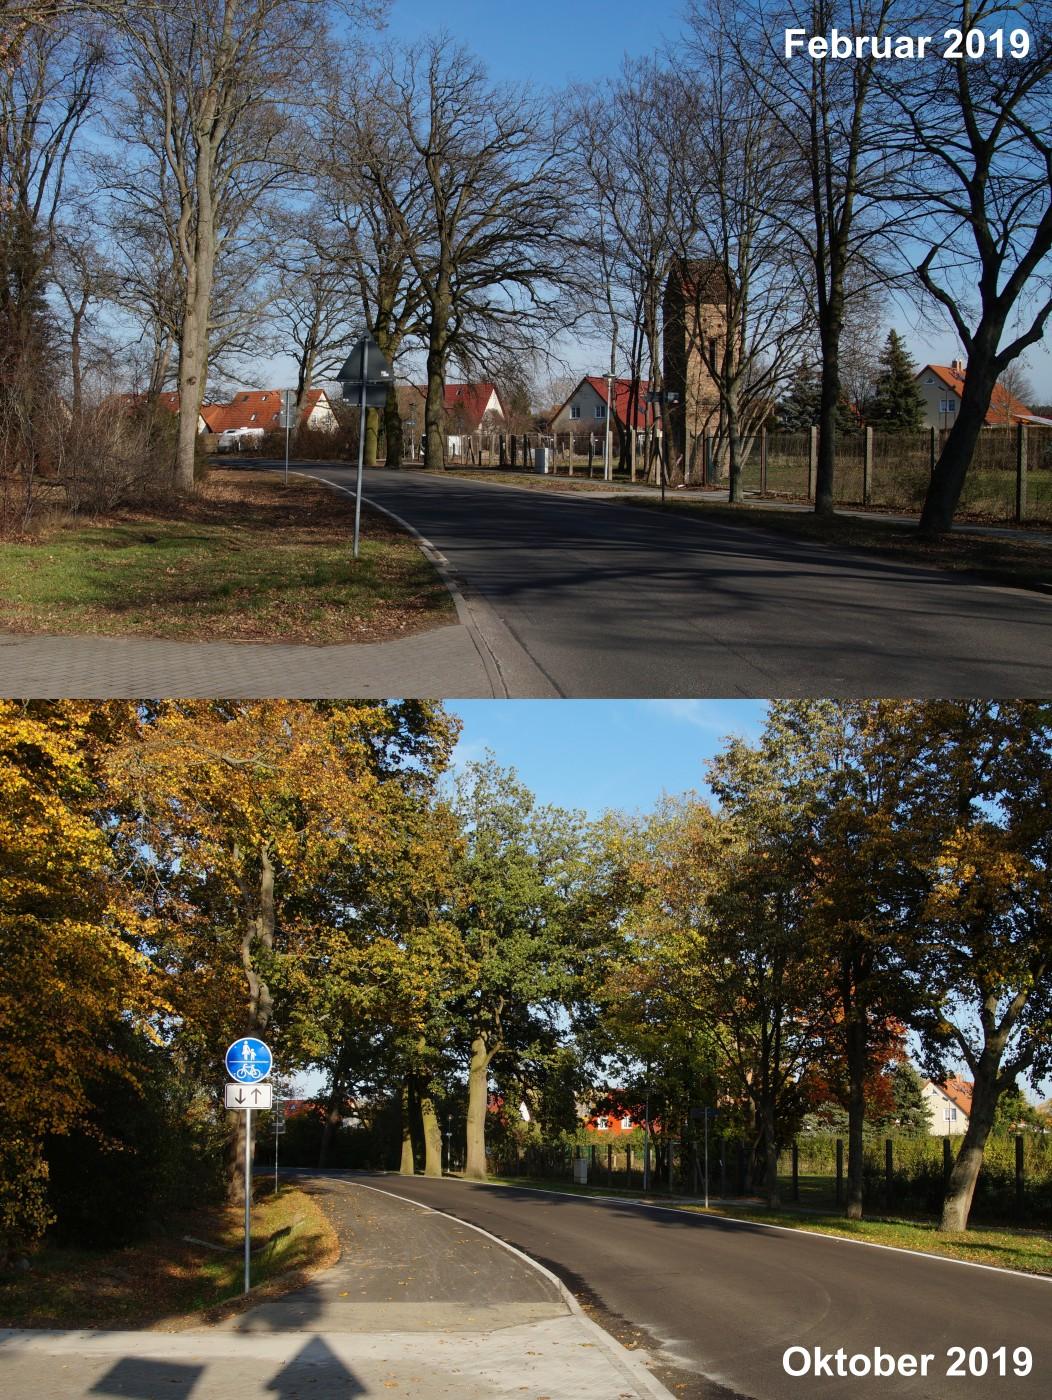 2019-10-14_L73_Stücken_Fresdorf_Bauarbeiten_Vergleich_1